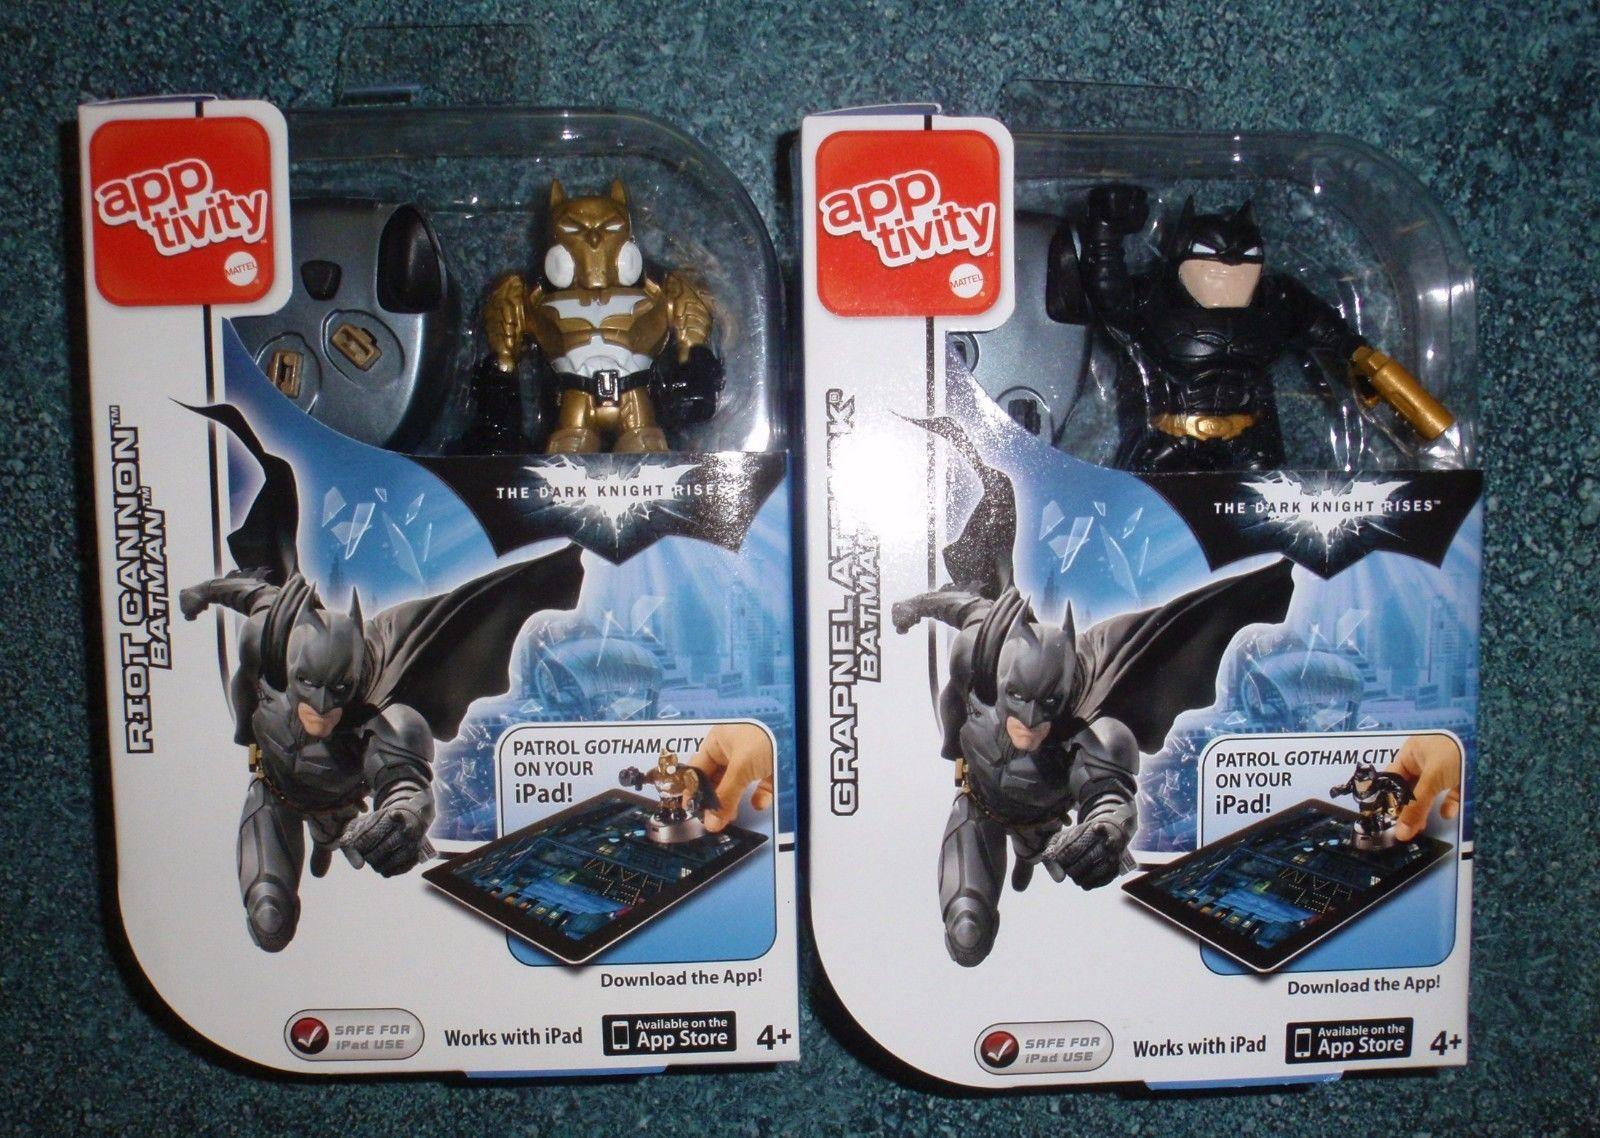 (2) BATMAN APPTIVITY APP Game - Grapnel Attack + Riot Cannon - DARK KNIGHT RISES